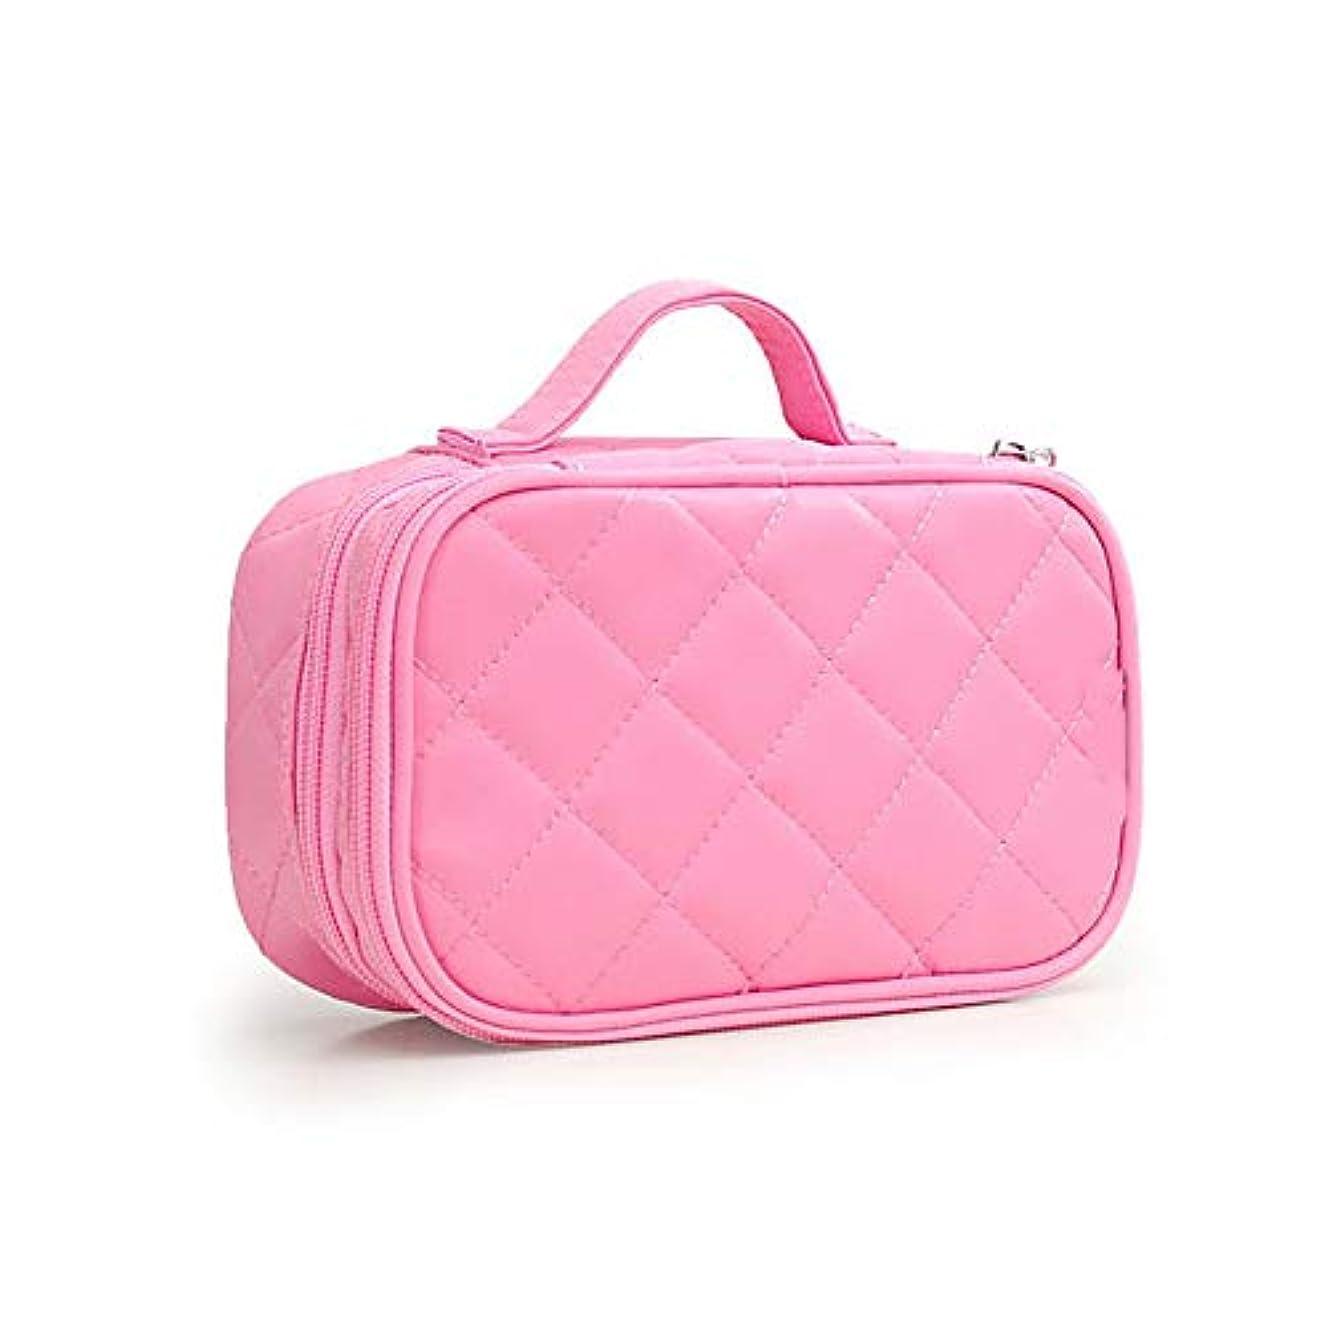 衝撃付き添い人すすり泣き化粧オーガナイザーバッグ 女性の化粧品バッグのポータブル韓国語バージョン創造的な ナイロン防水洗浄バッグ。 化粧品ケース (色 : ピンク)